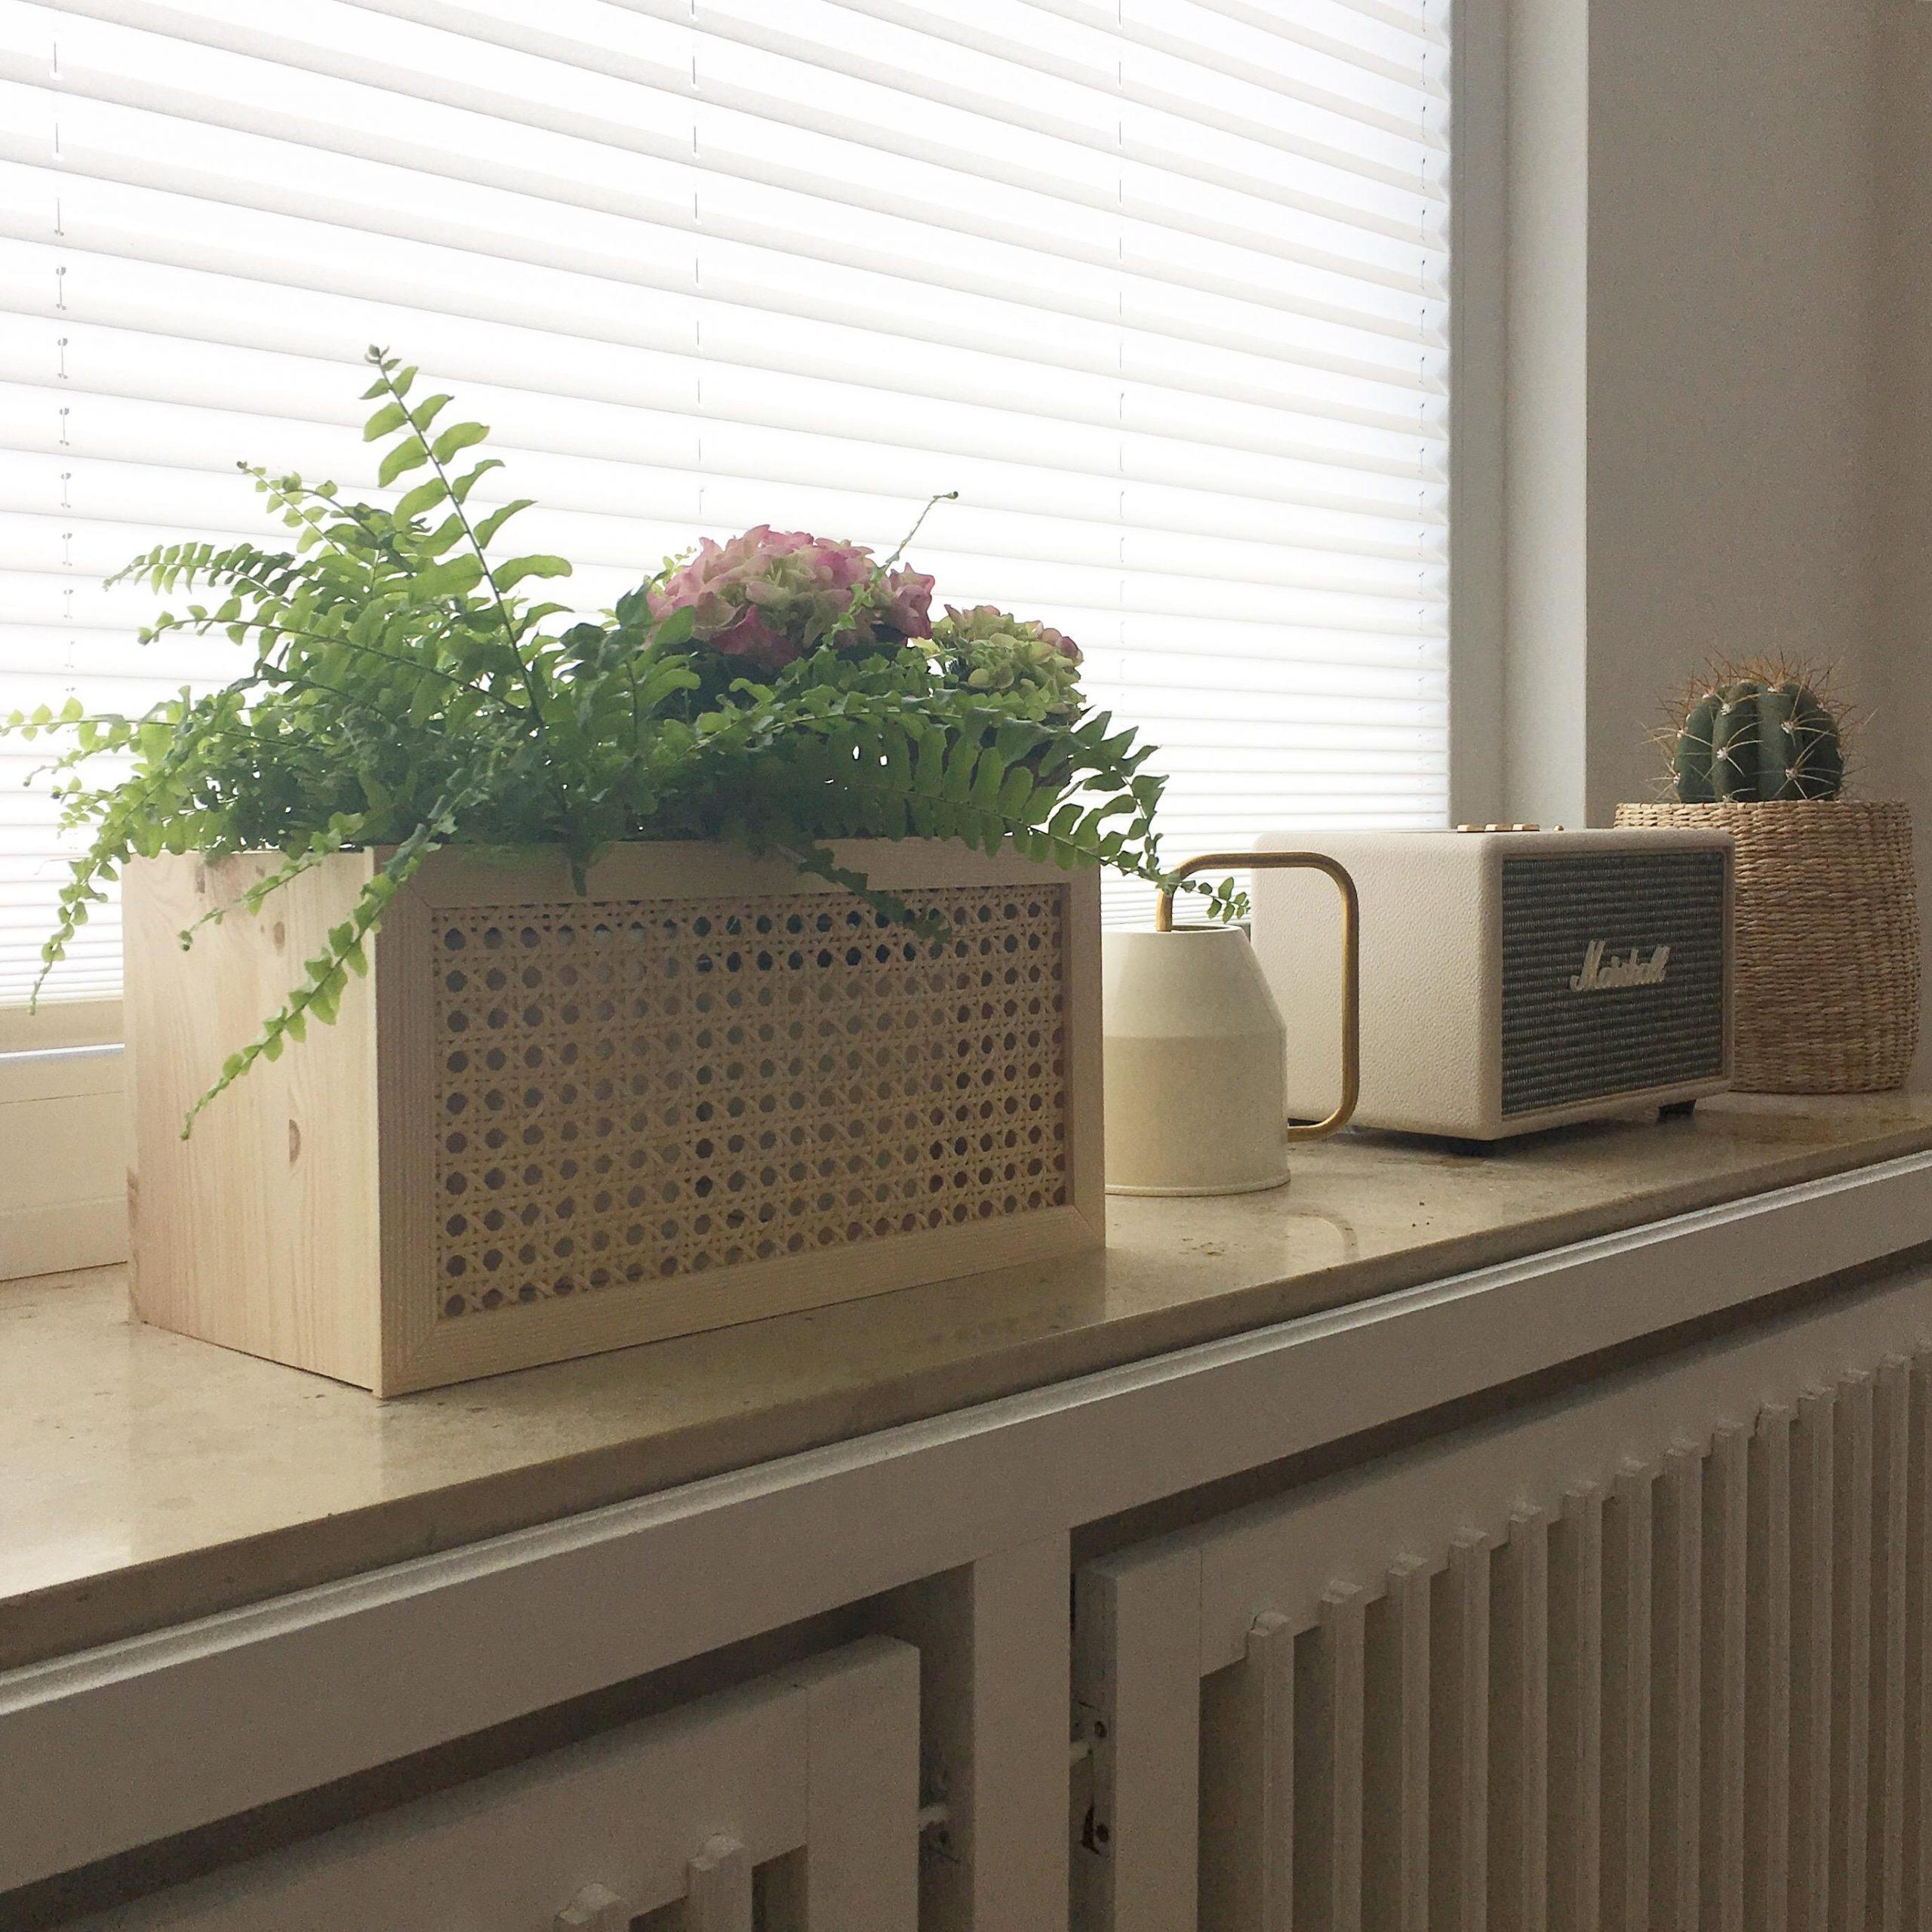 Full Size of Deko Fensterbank Blumenliebe Plantbofensterbank Couch Wohnzimmer Dekoration Badezimmer Schlafzimmer Für Küche Wanddeko Wohnzimmer Deko Fensterbank